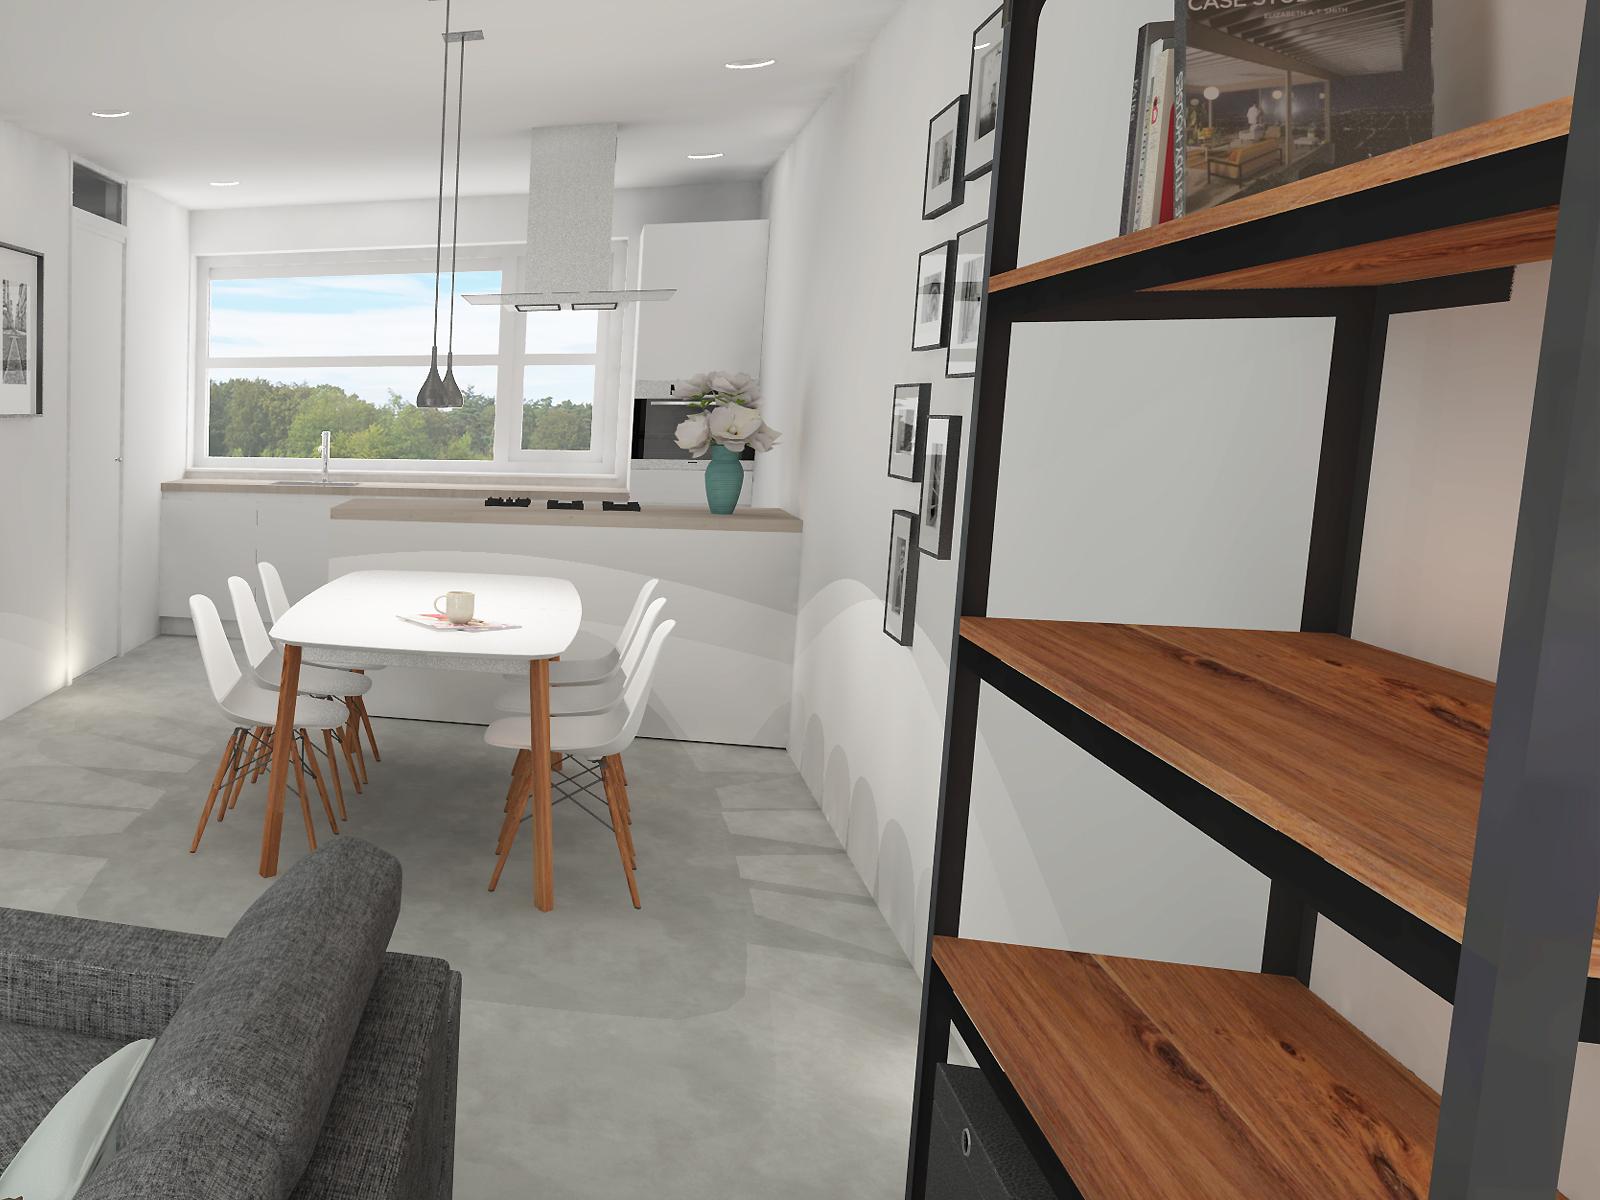 Building design architectuur - Keuken ontwikkeling in l ...